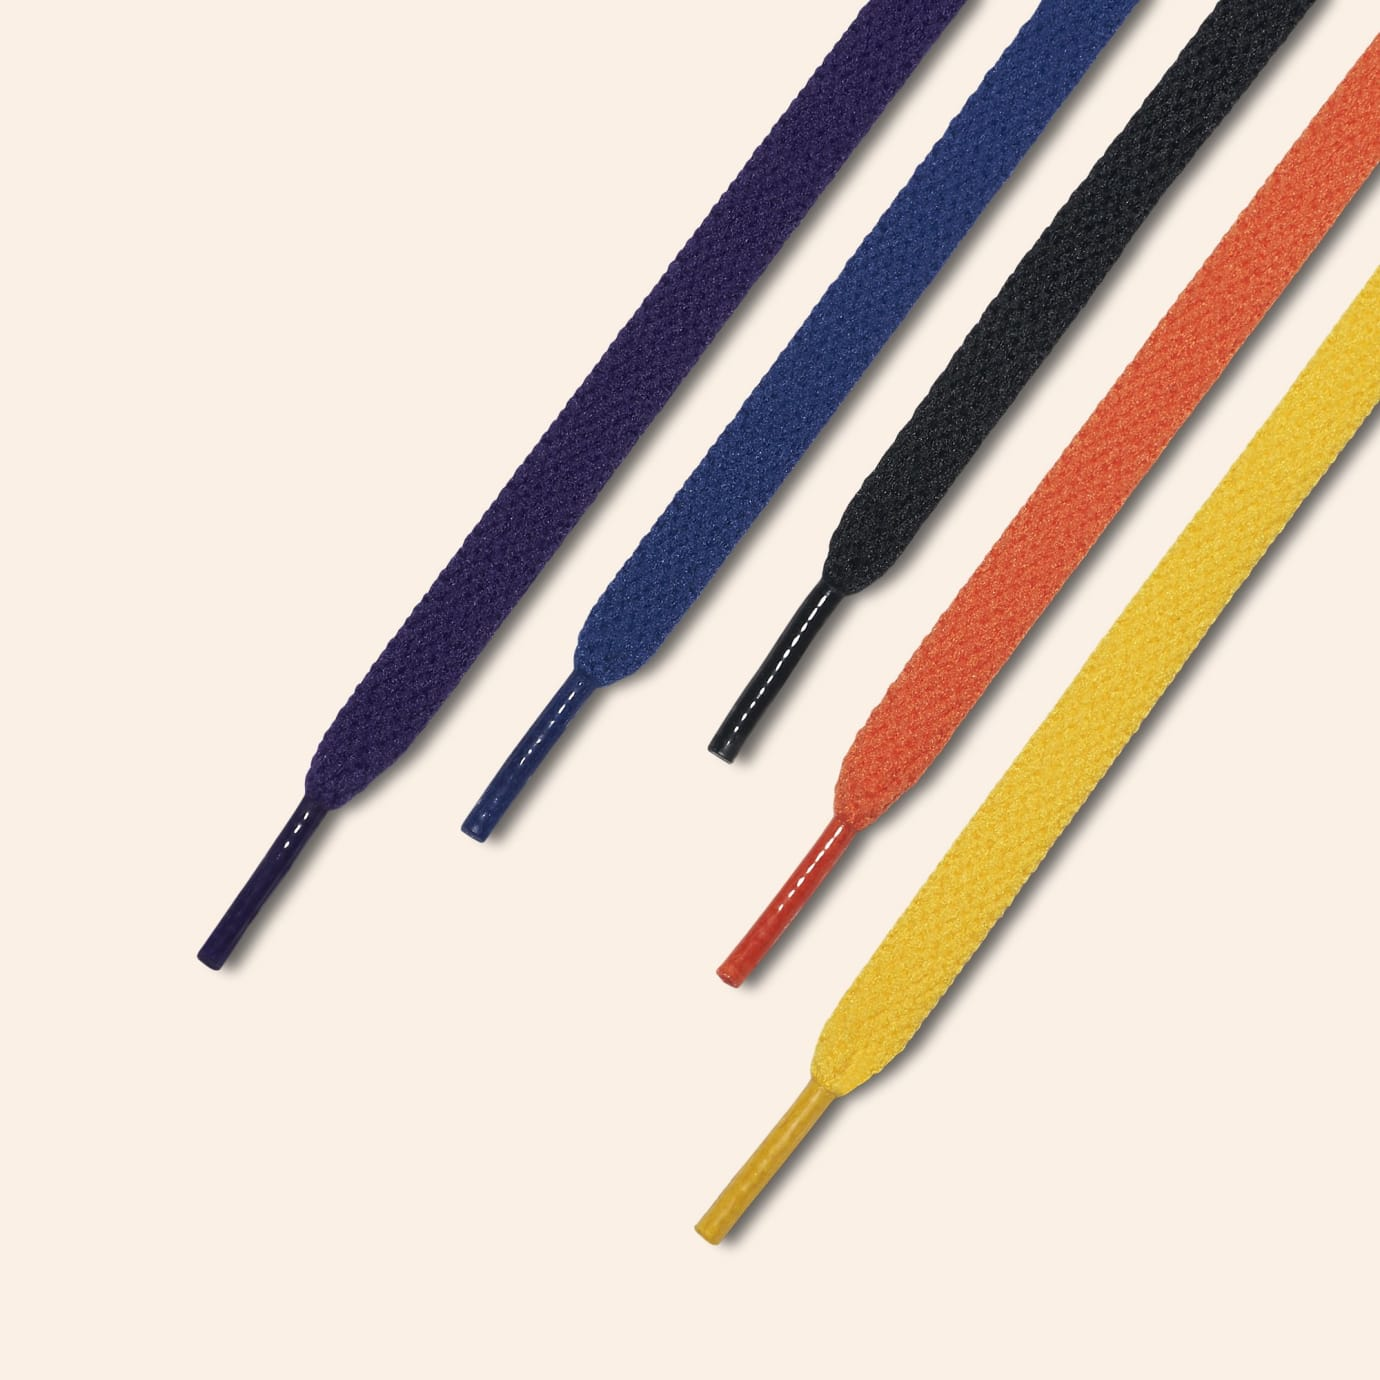 nike-blazer-mid-ny-la-at9978-001-laces